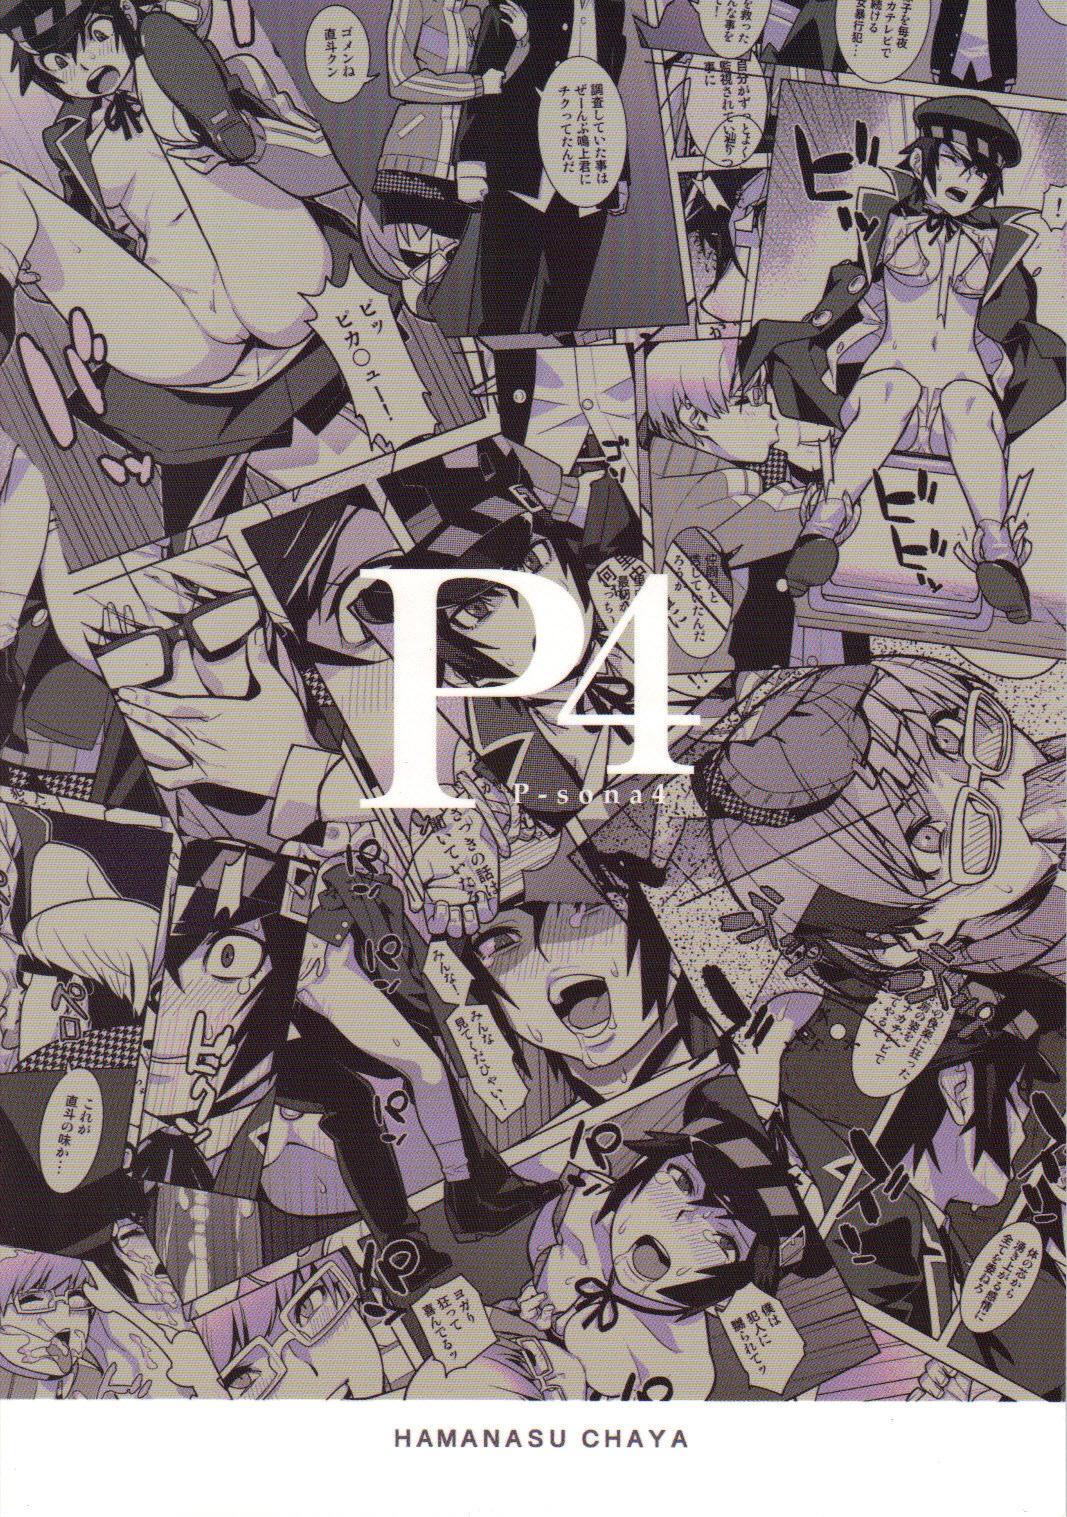 p-sona4 25